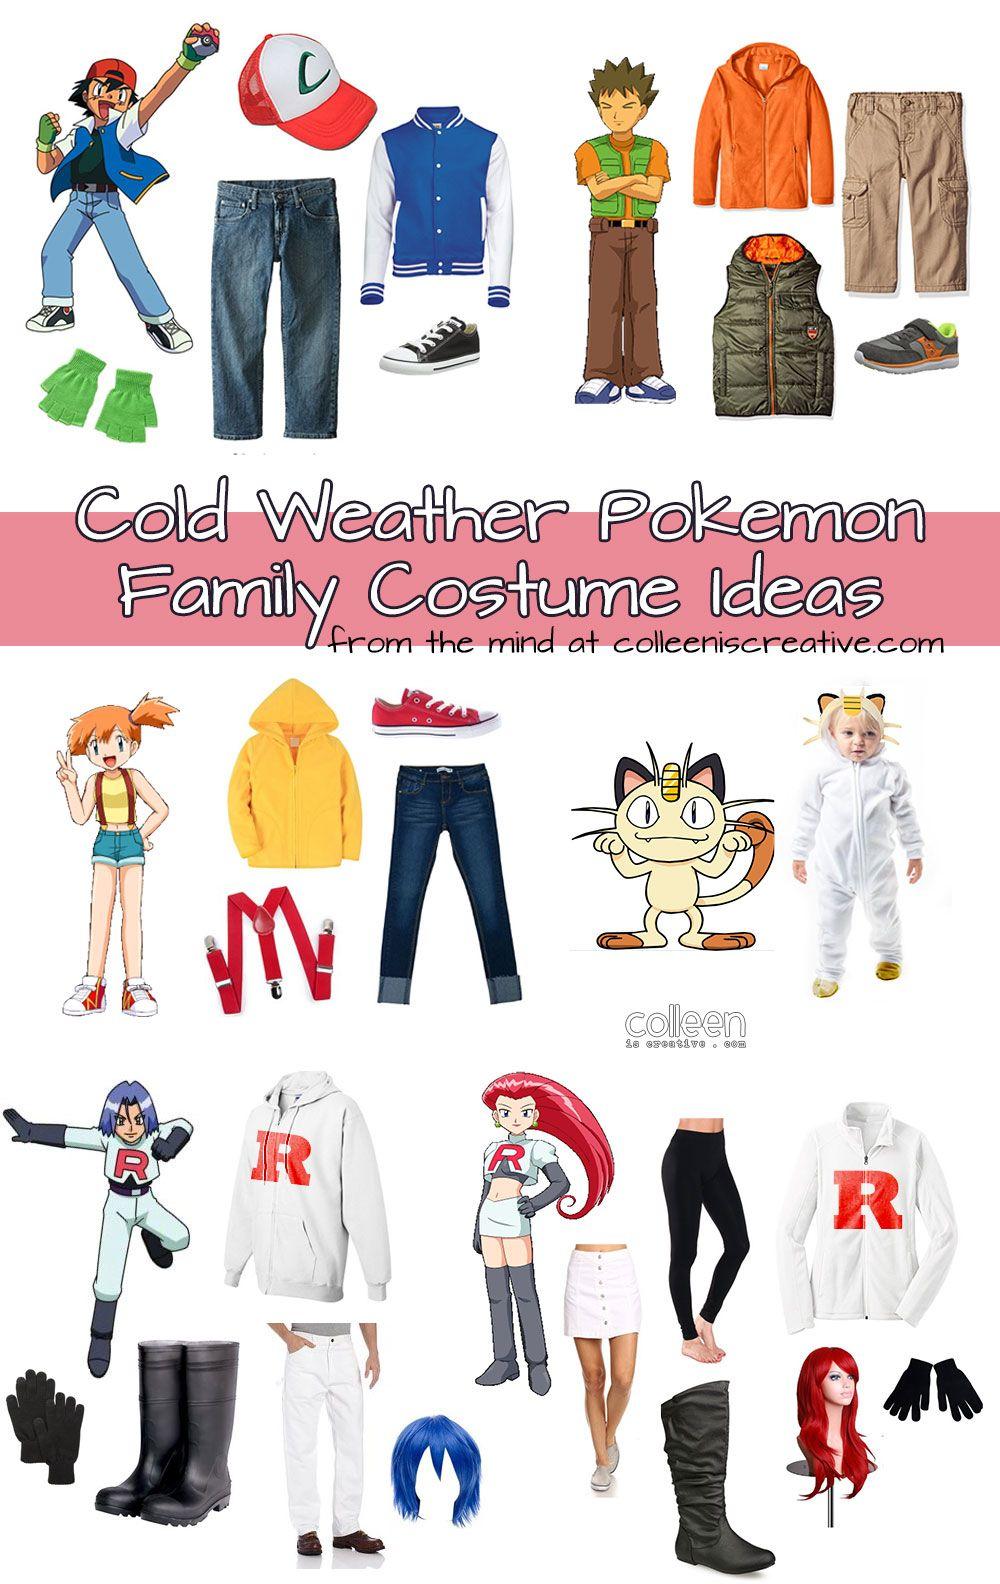 jessie and costumes Pokemon james